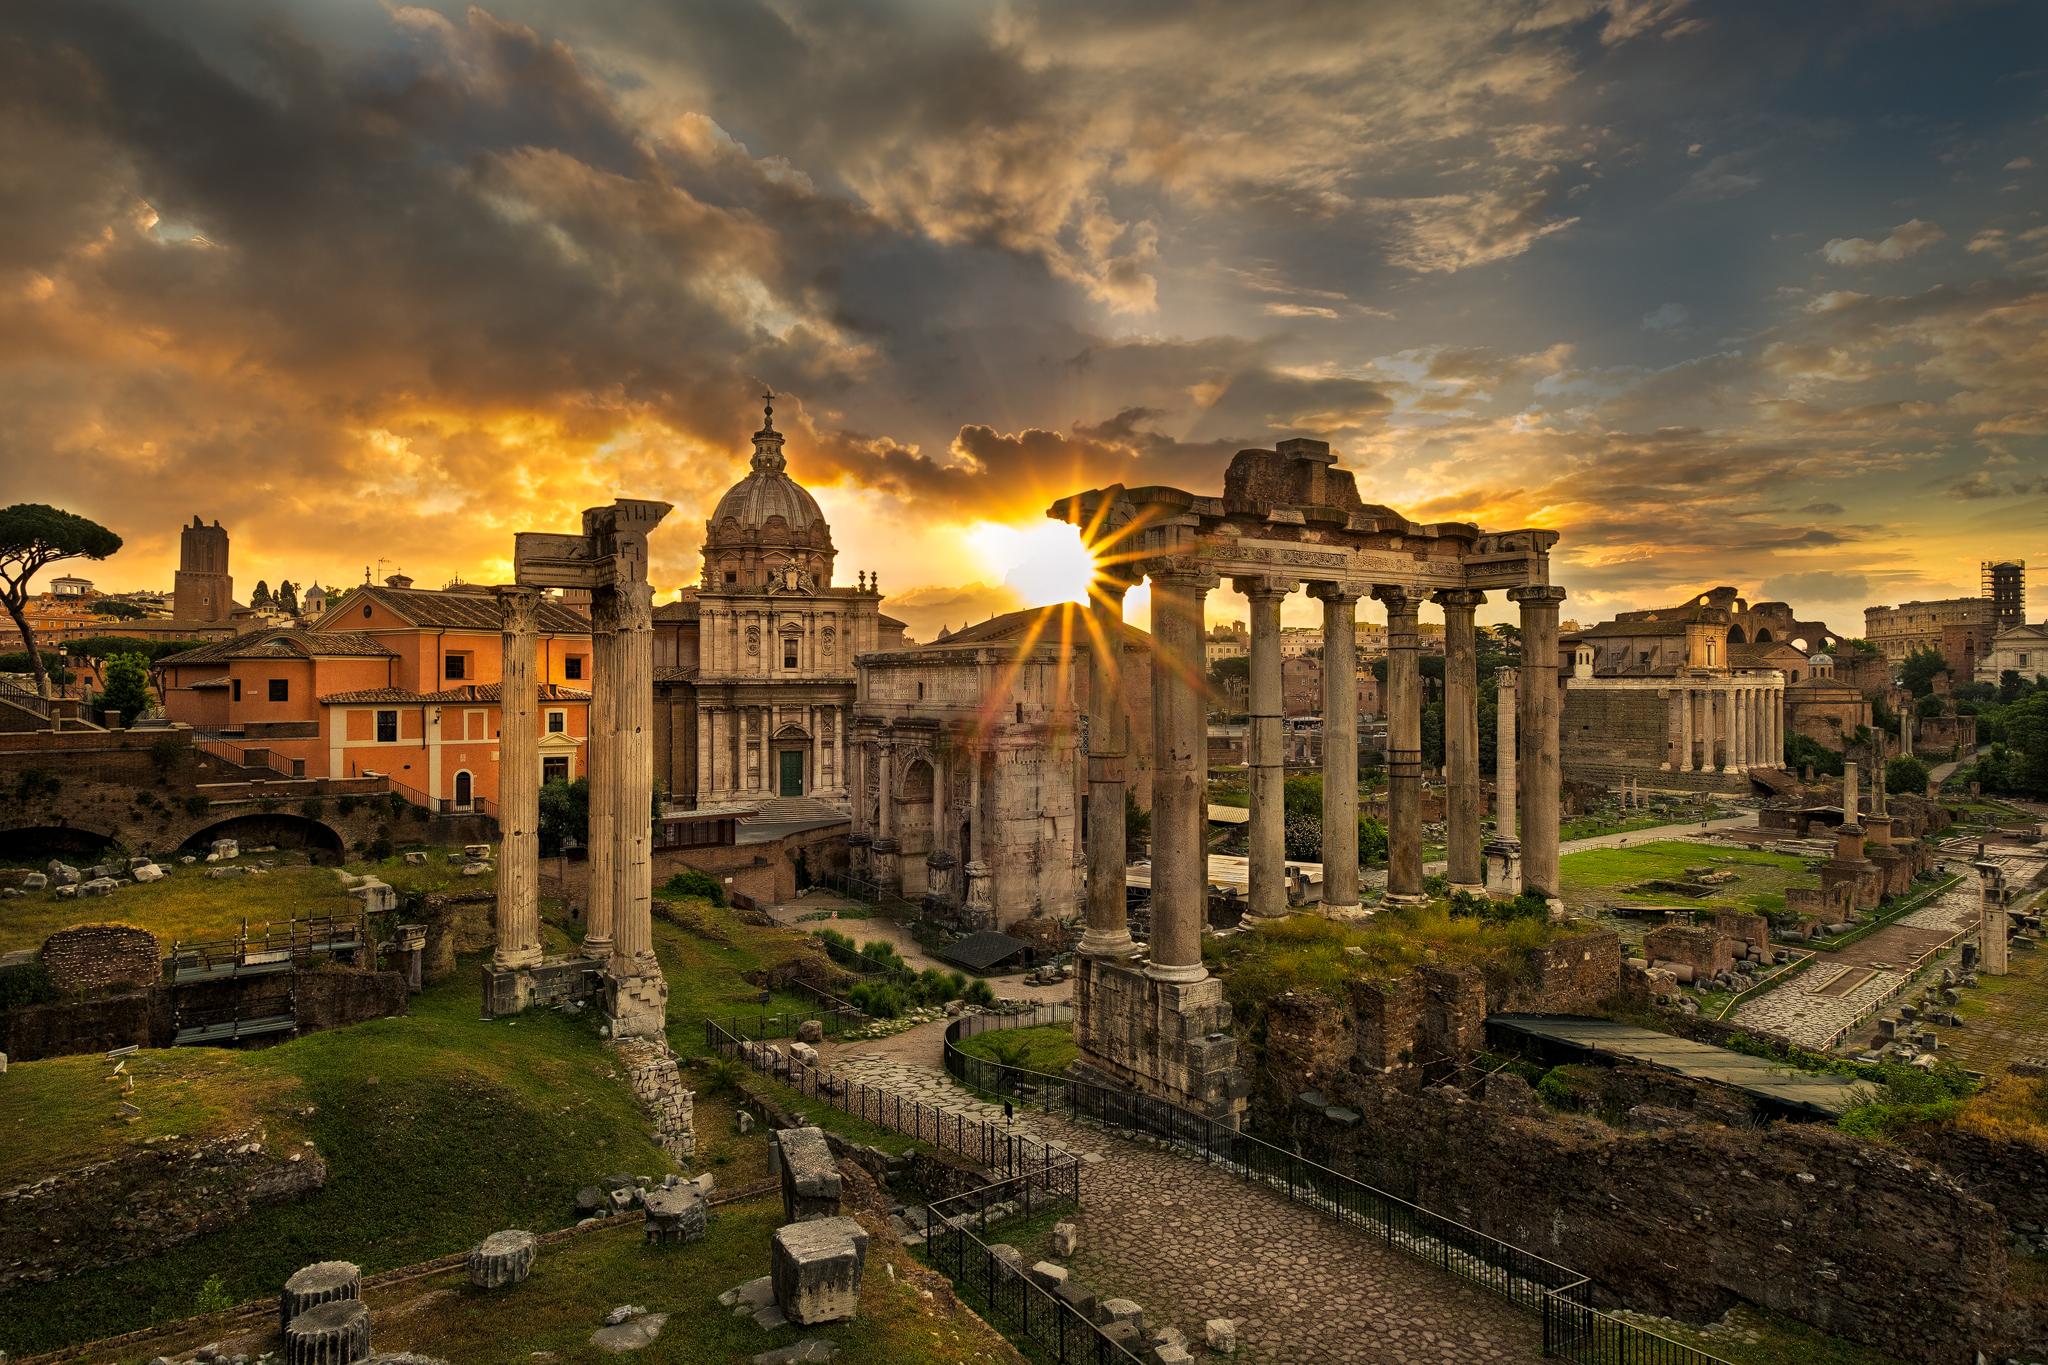 13052016-Ken-Kaminesky-Taurus-Italy-2016-Roman-Forum.jpg